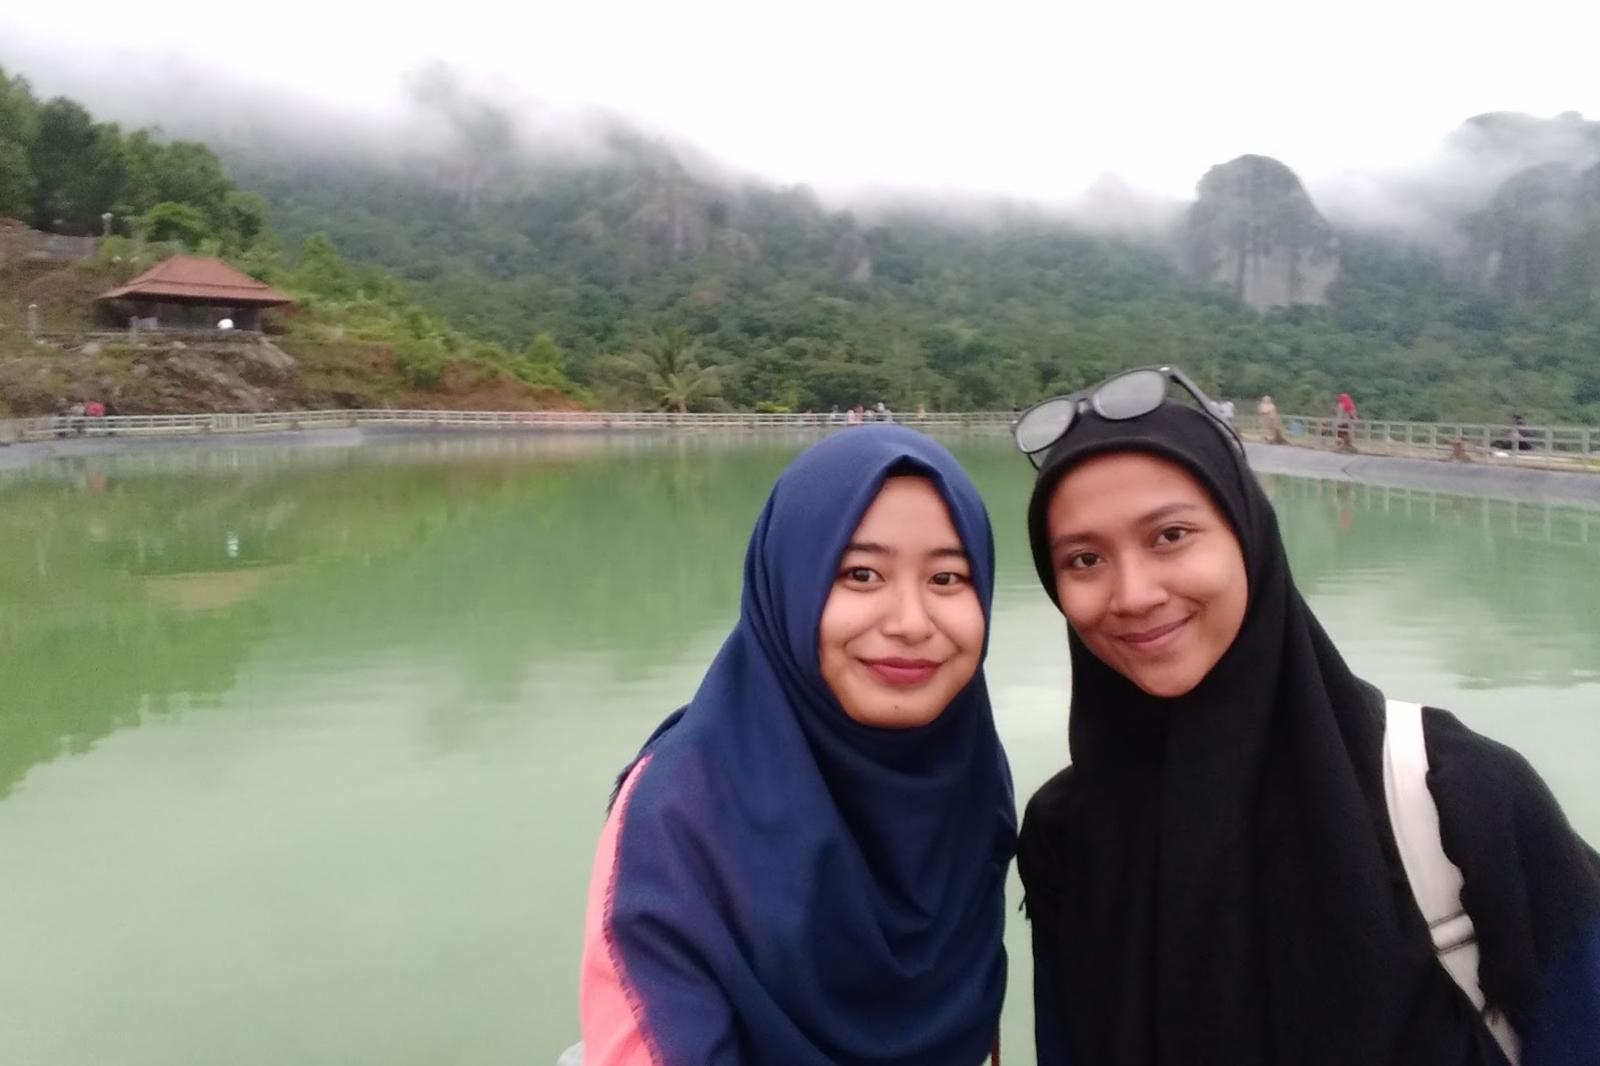 hijab gaul menurut islam manis selfie